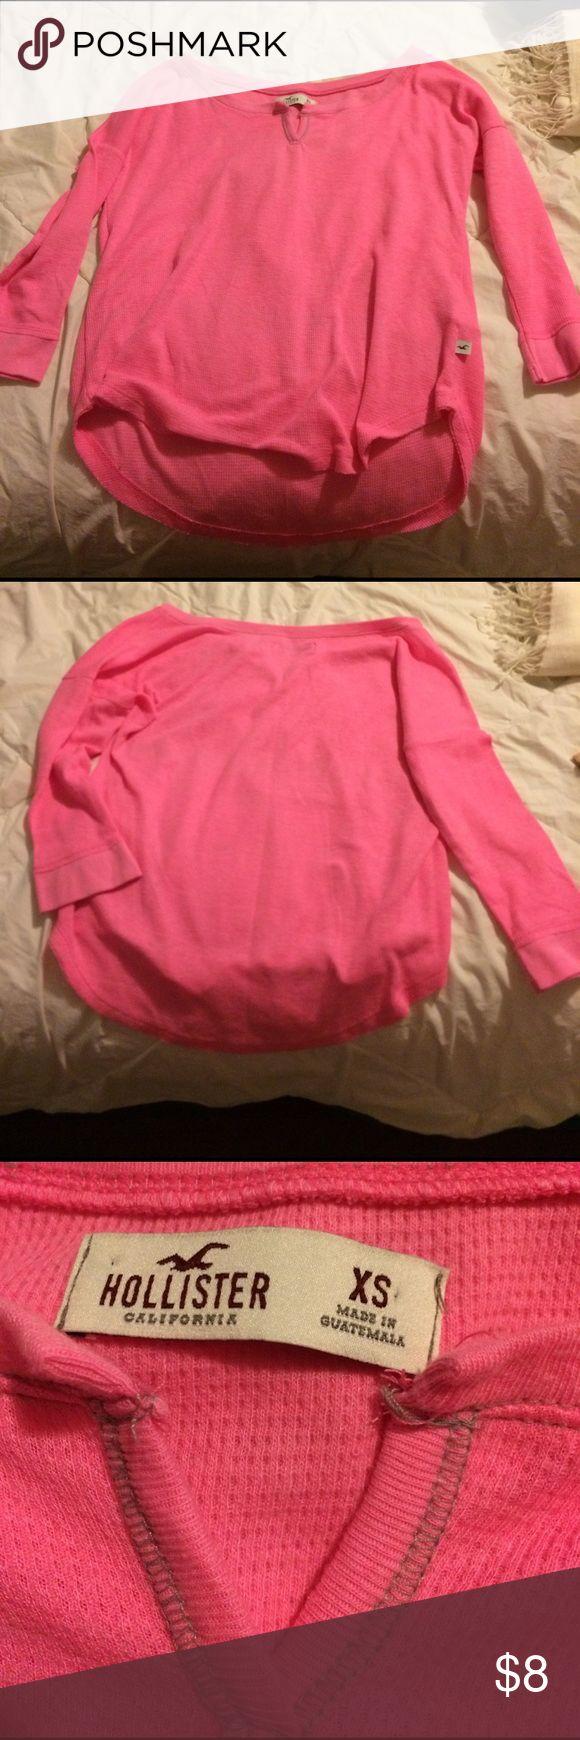 Top 25  best Hot pink shirts ideas on Pinterest   Hot pink shirt ...